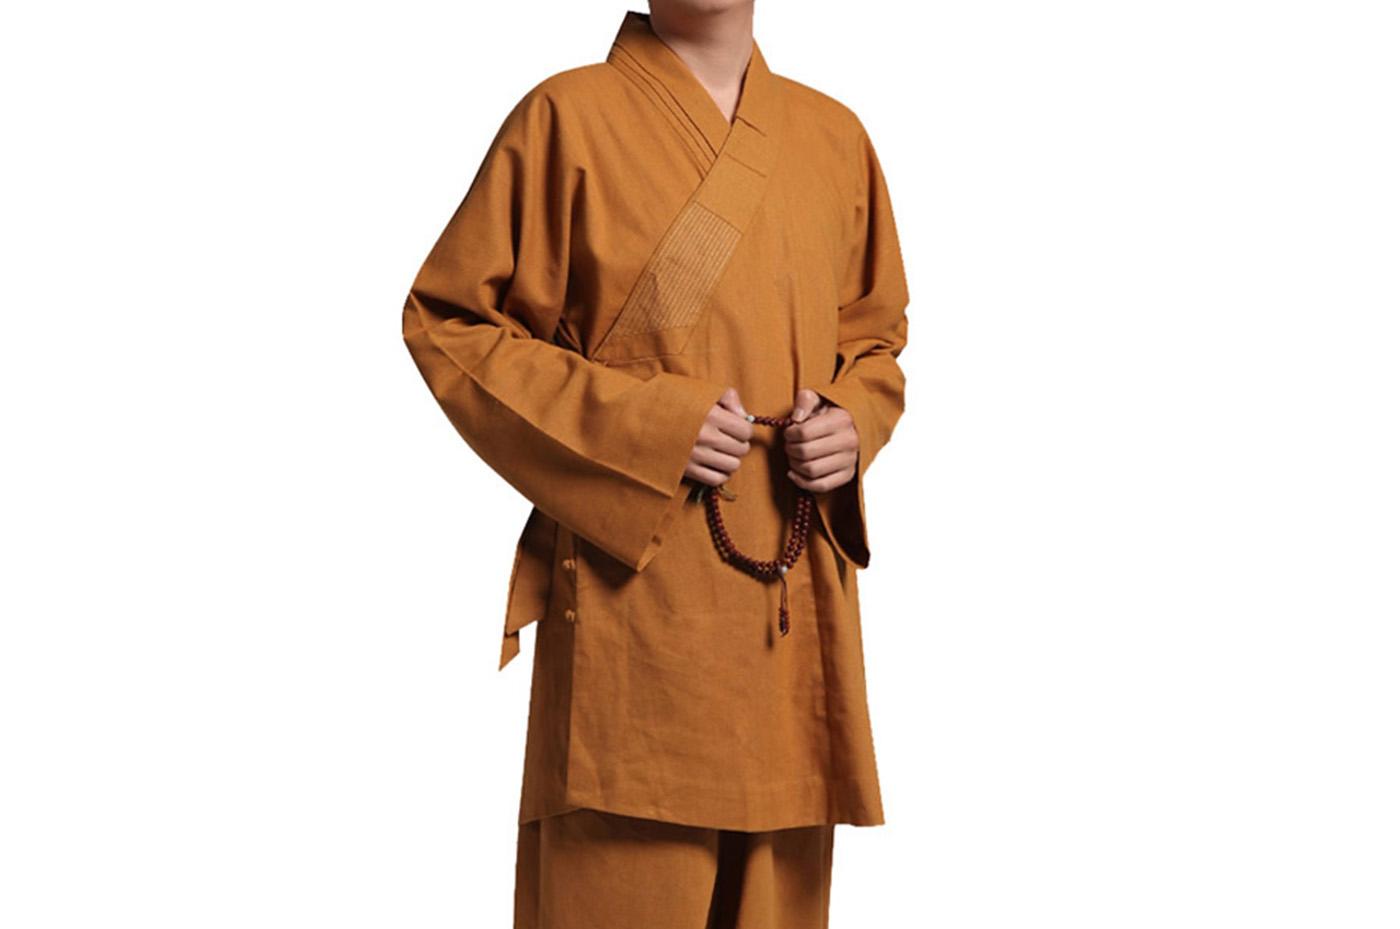 Shaolin Uniform 23